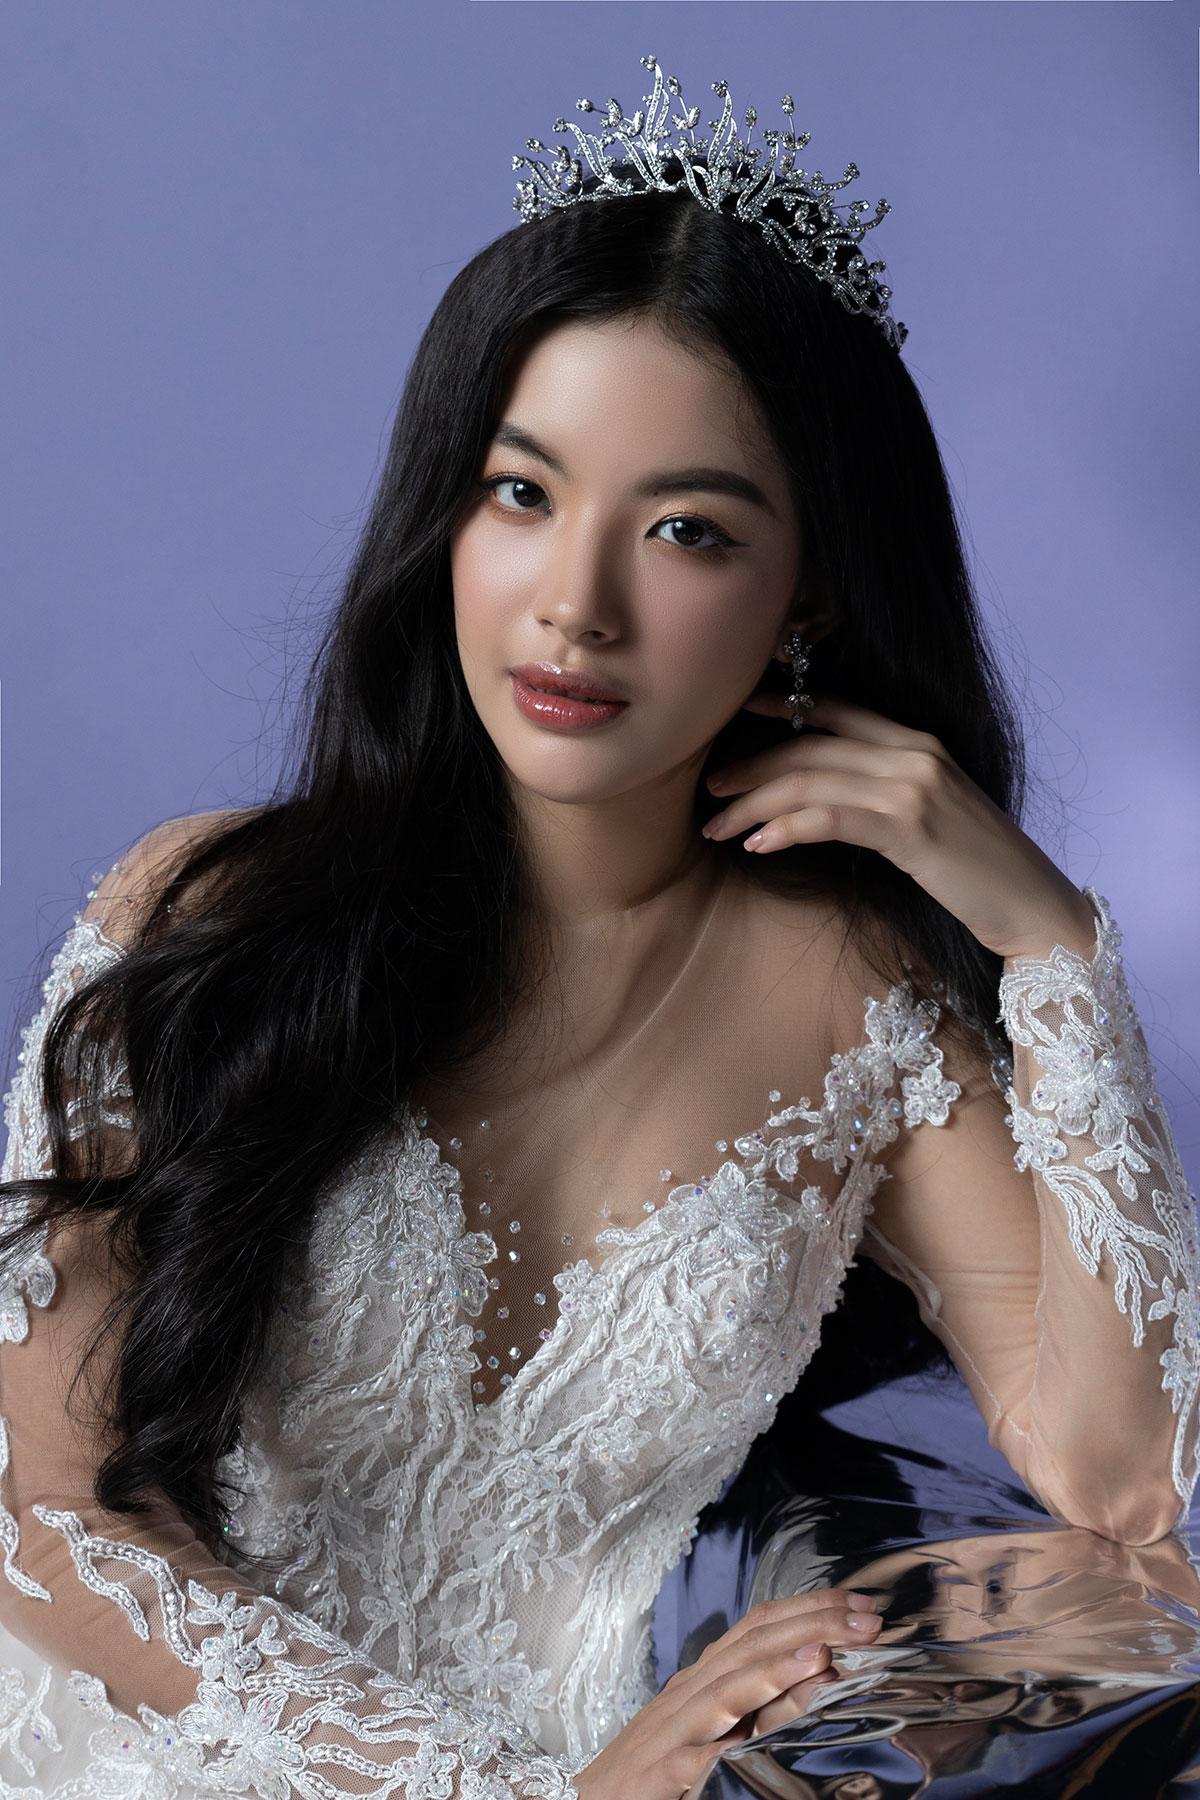 Phụ kiện Swarovski: Emily Q. Việt Nam; Model: Nguyễn Phúc Ngọc Hạ; Photographer: Trương Quý Trung; Costume: Canary Wedding Studio.